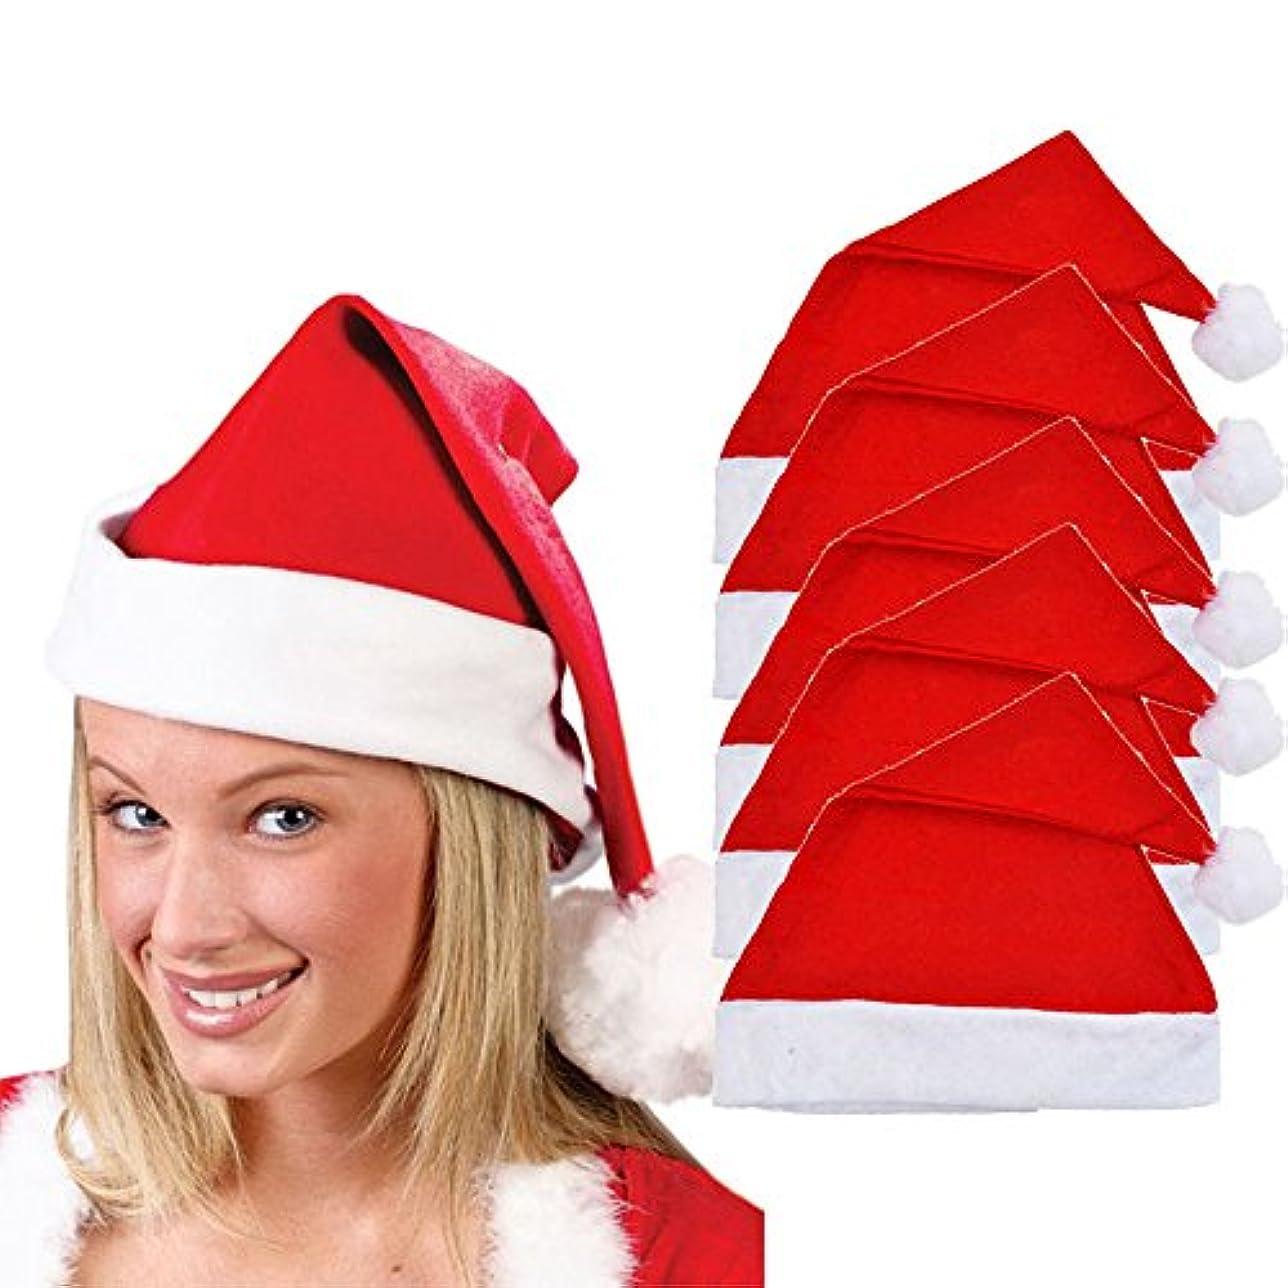 漂流蒸発じゃないRacazing クリスマスハット 5つの レッド Hat ライト ドームキャップ 防寒対策 通気性のある 防風 ニット帽 暖かい 軽量 屋外 スキー 自転車 クリスマス 男女兼用 Christmas Cap